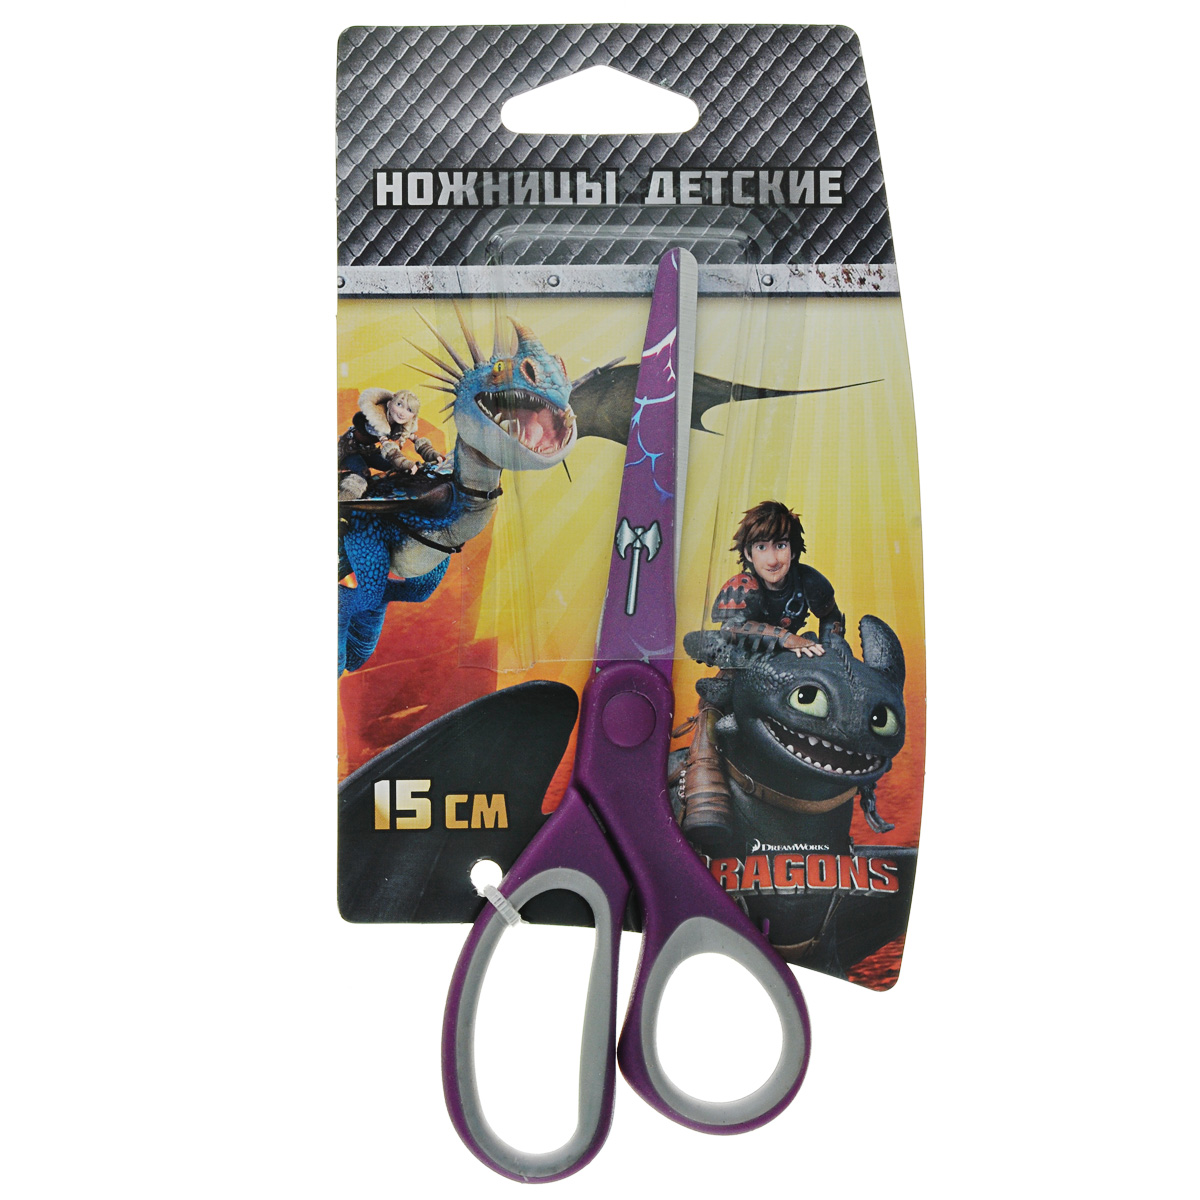 Ножницы детские Action Dragons, цвет: фиолетовый, 15 смCS-WP2513-1X51Детские ножницы Action Dragons с безопасными закругленными лезвиями изготовлены из высококачественной нержавеющей стали. Лезвия с наружной стороны оформлены декоративным рисунком. Облегченные ручки ножниц адаптированы для детской руки.Вашему ребенку будет настоящим удовольствием делать с ножницами Action Dragons различные аппликации из бумаги или других материалов.